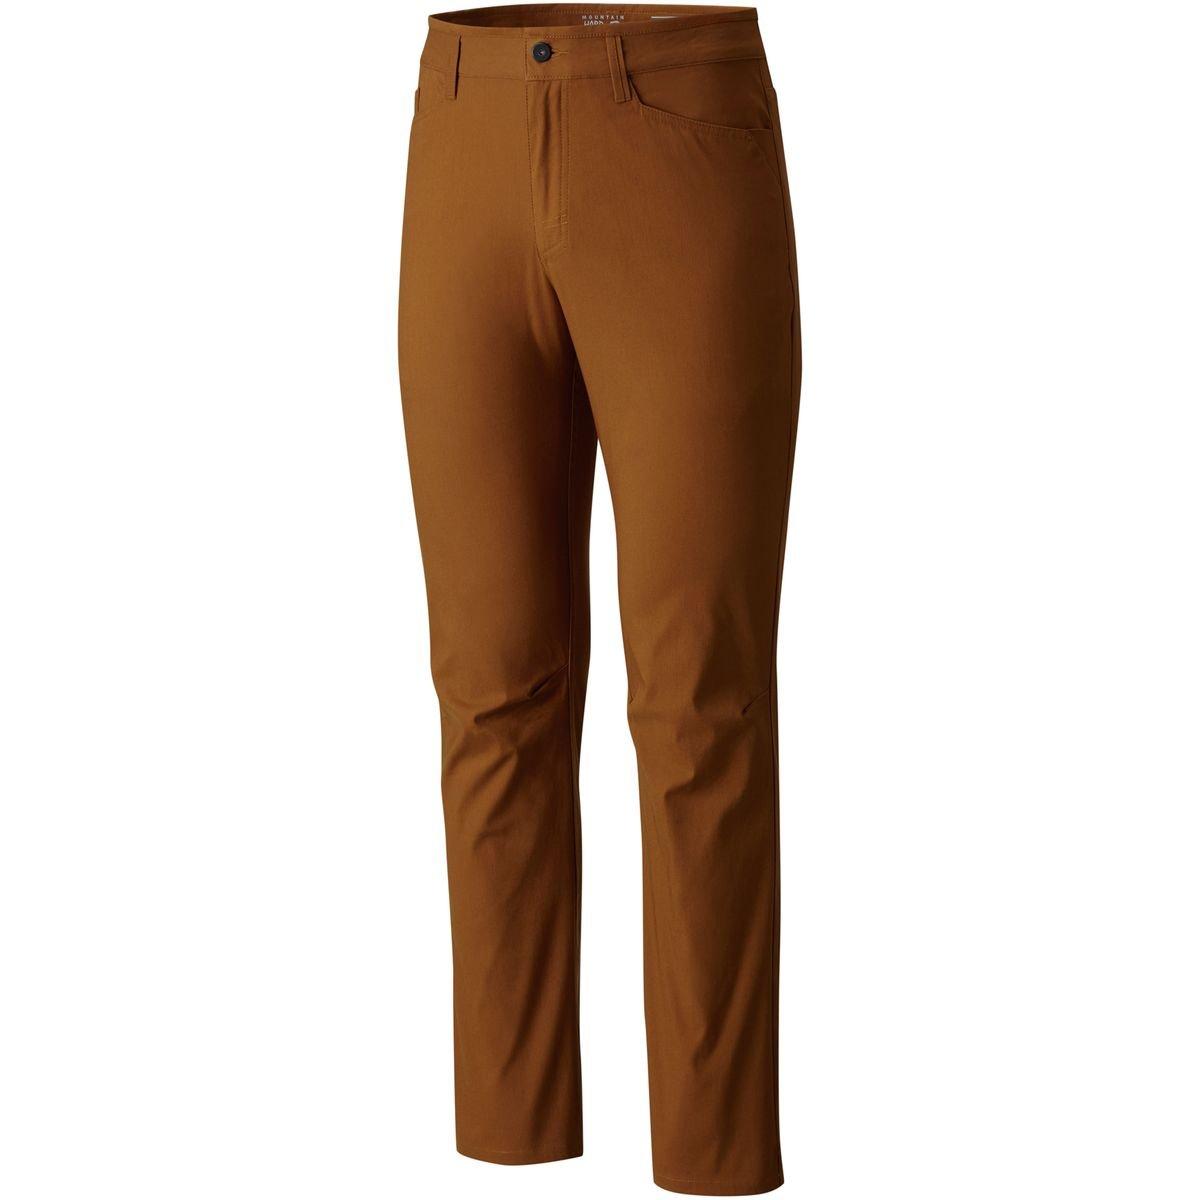 golden Brown 33x30 Mountain Hardwear AP 5 Pocket Pant  Men's